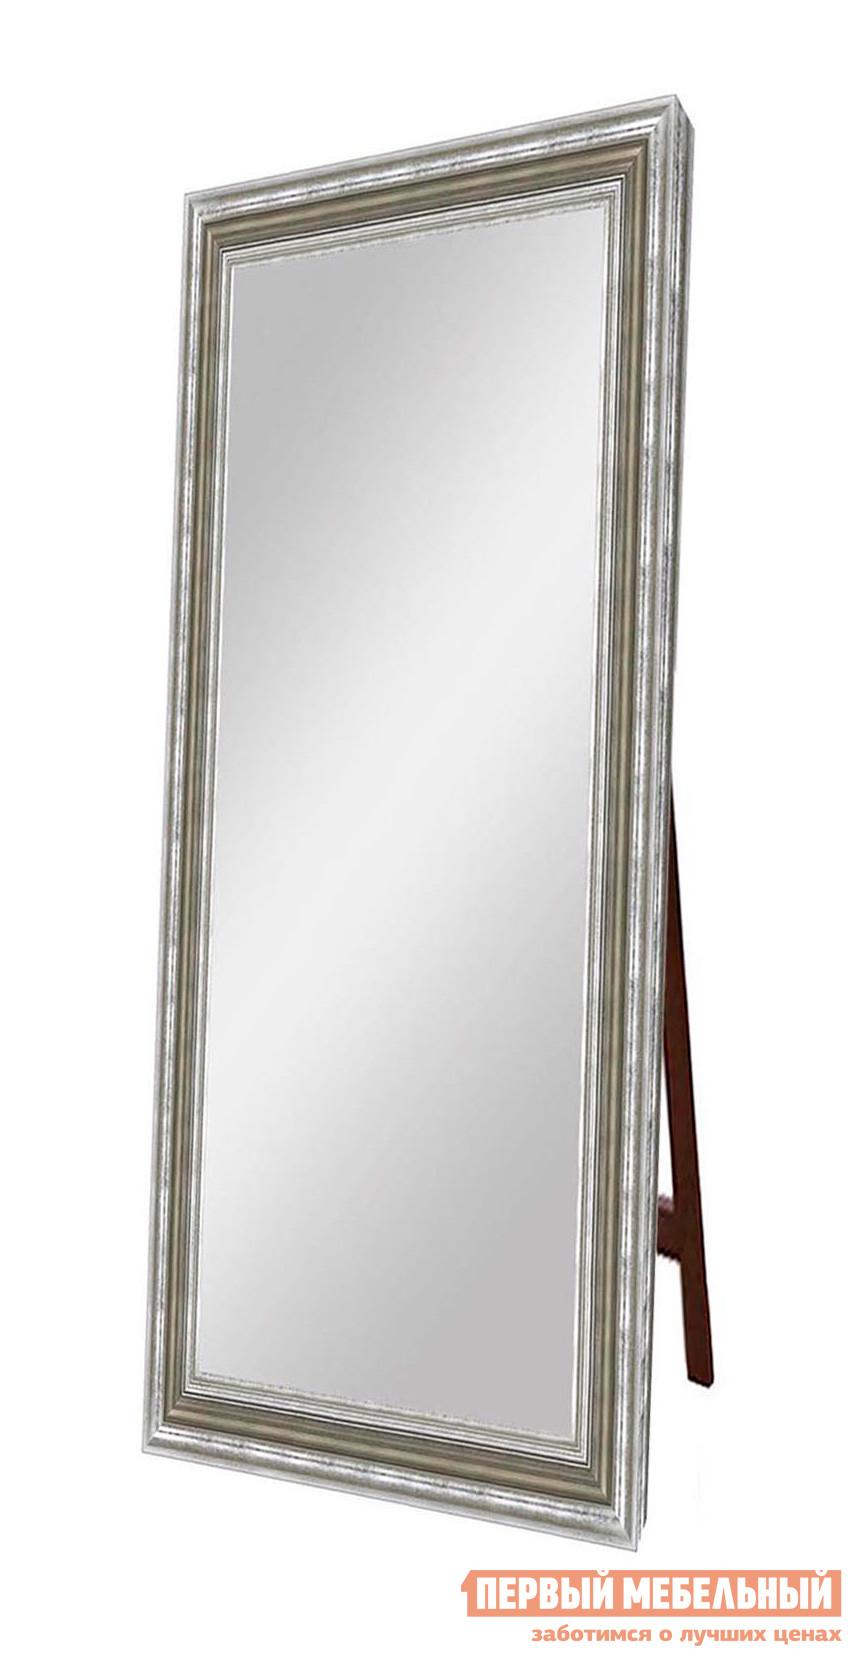 Напольное зеркало ZerkaloStudio Верона (711.OAC.025np) 70 Х 170 см, СеребрянныйНапольные зеркала<br>Габаритные размеры ВхШхГ 1600 / 1900x600 / 900x46 мм. Это большое напольное зеркало привлекает внимание своим сдержанным и лаконичным обрамлением.  Зеркальное полотно гармонирует с рамой, выполненной в многоуровневом формате с элементами старения и ненавязчивого патинирования.  Изысканный и стильный вариант для меблировки спальни, прихожей или гостиной, оформленной как в классическом, так и современном интерьере. Ширина рамы — 82 мм. Толщина рамы — 46 мм. Обратите внимание! Для оформления заказа необходимо выбрать нужный размер зеркала. Рама изготавливается из пластика.  Зеркало поставляется в собранном виде.  Опорная ножка крепится к зеркалу при помощи петли с ограничительной цепочкой.<br><br>Цвет: Серебрянный<br>Цвет: Бежевый<br>Цвет: Светлое дерево<br>Высота мм: 1600 / 1900<br>Ширина мм: 600 / 900<br>Глубина мм: 46<br>Кол-во упаковок: 1<br>Форма поставки: В собранном виде<br>Срок гарантии: 24 месяца<br>Тип: Простые<br>Назначение: Для спальни, В прихожую<br>Материал: Пластиковые<br>Форма: Прямоугольные<br>Особенности: В полный рост, На подставке<br>Тип рамы: В раме, В багете